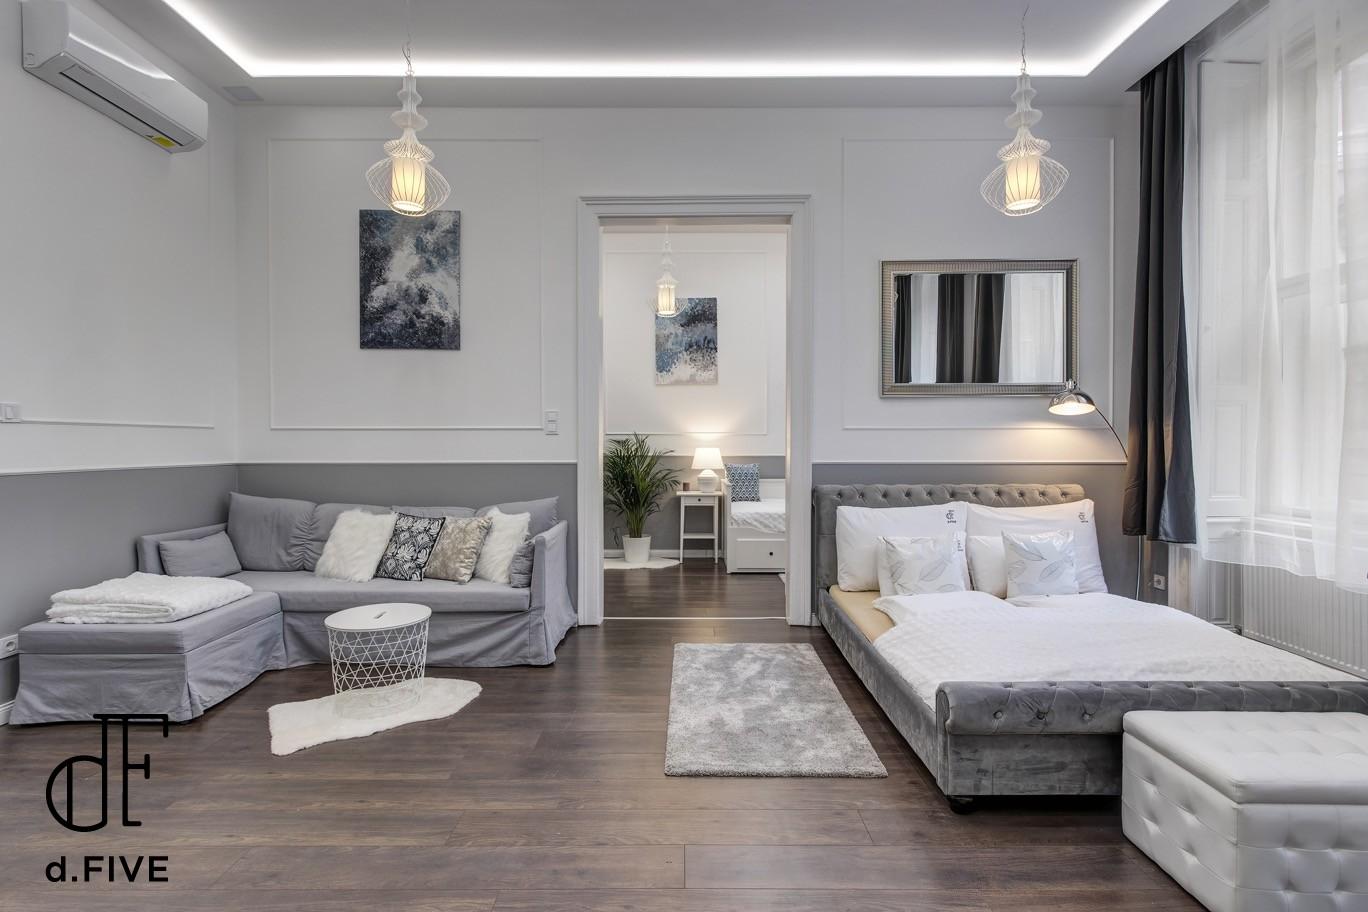 d.Five Semmelweis Apartment 'A'